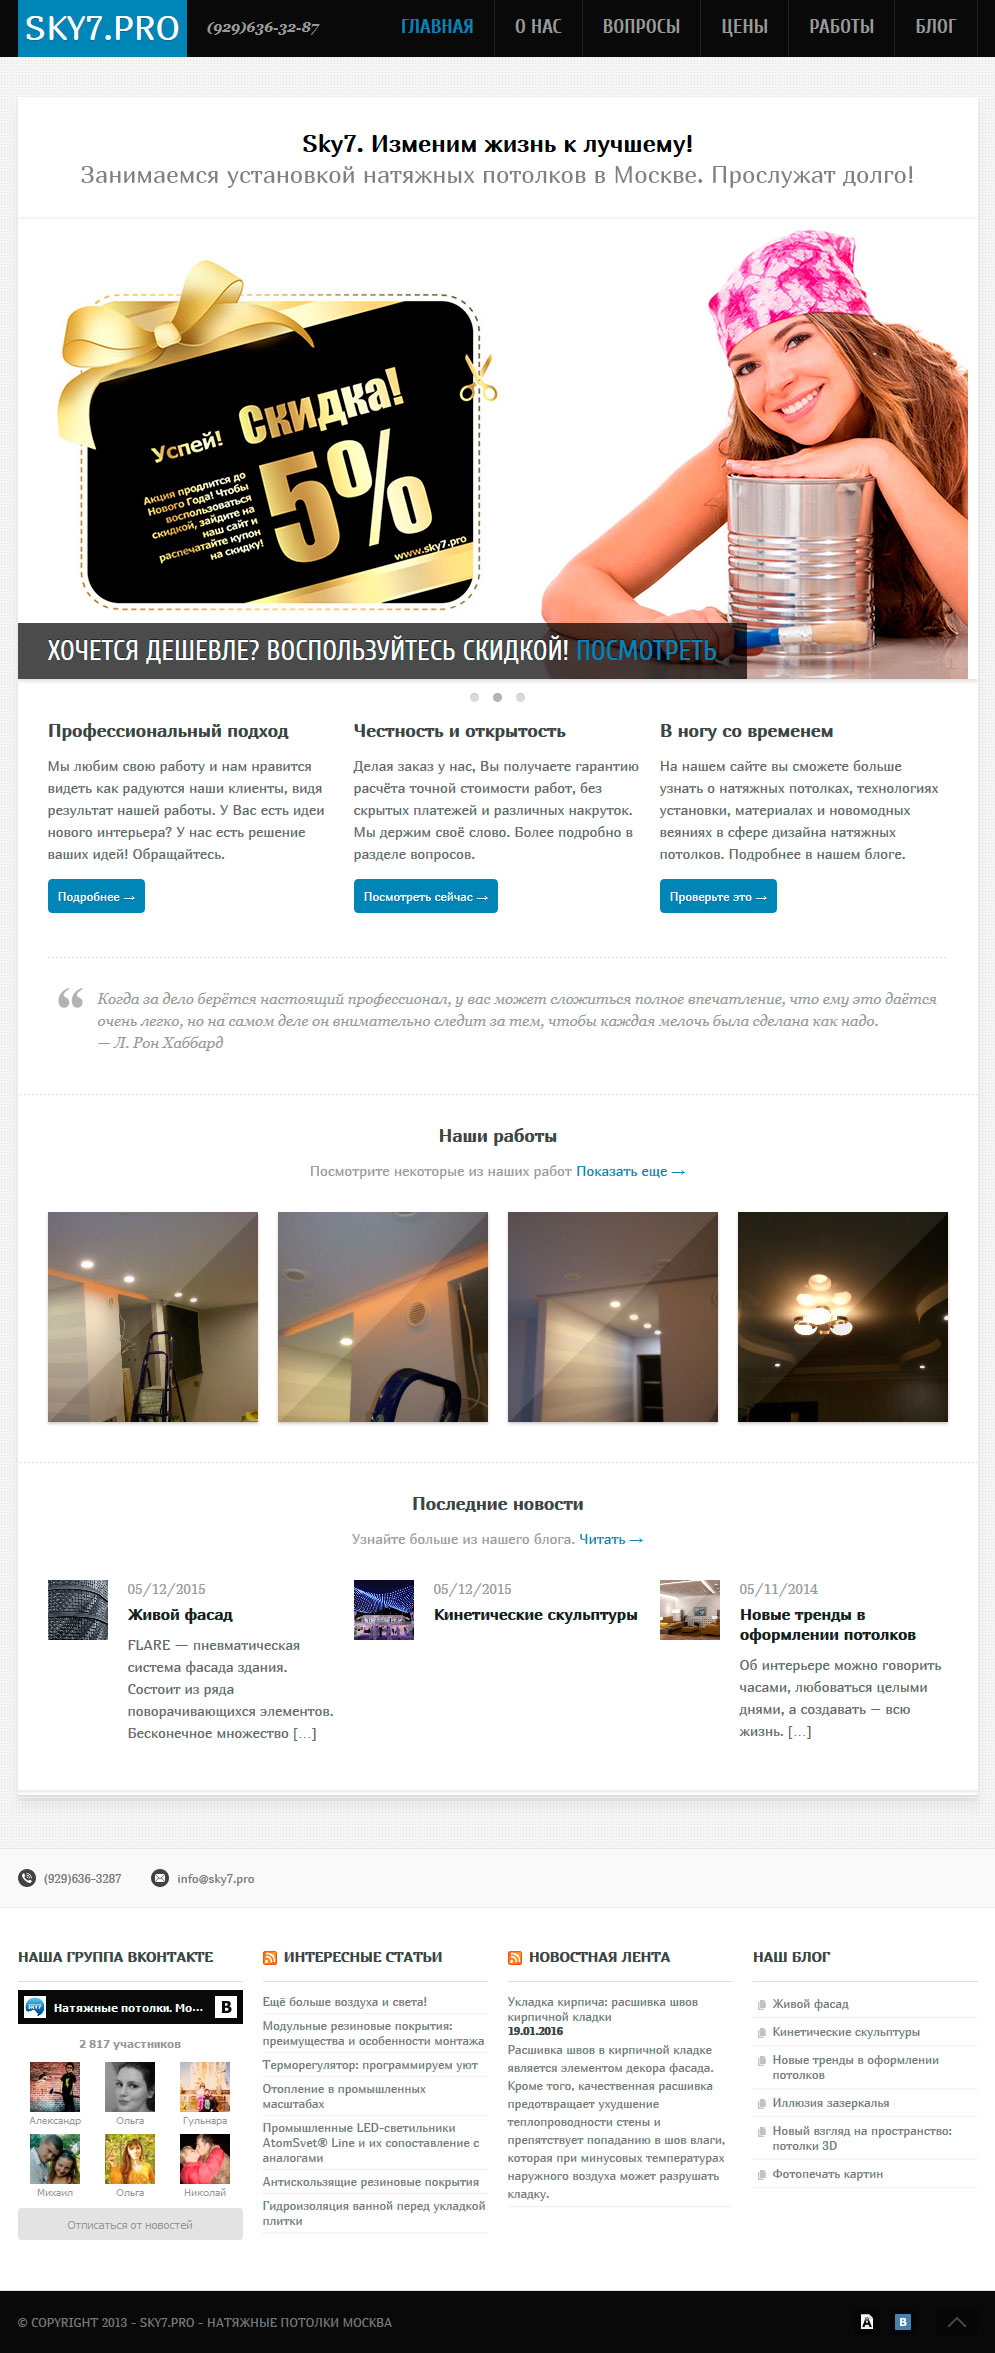 Пример сайта визитки - натяжные потолки - главная страница